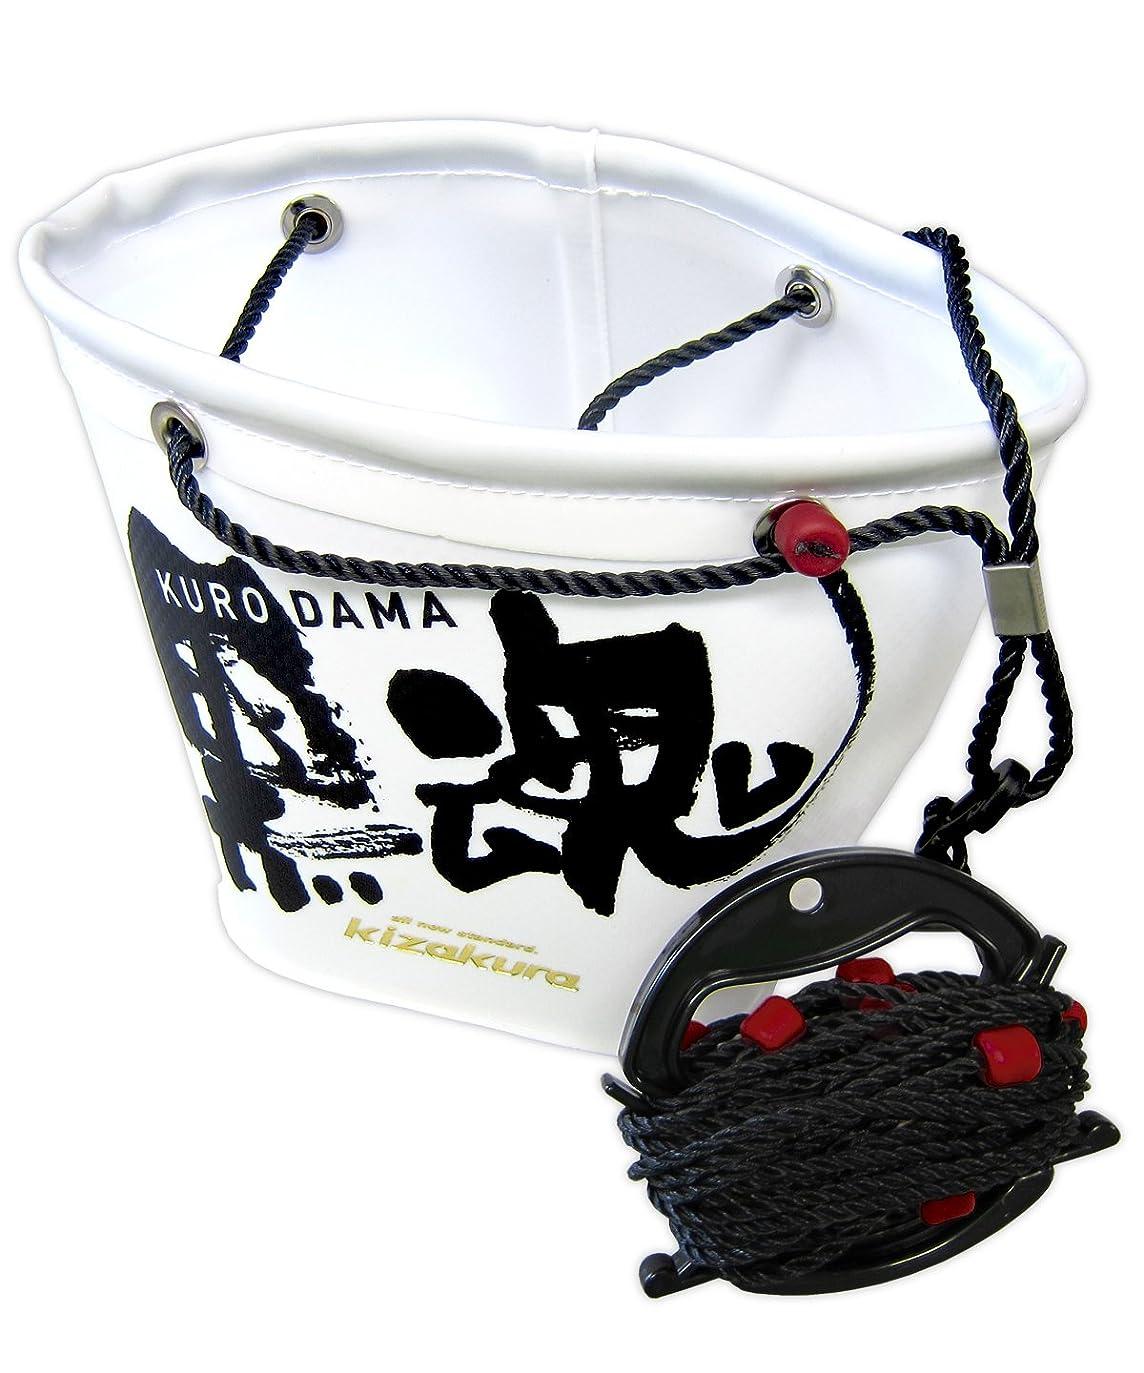 起点チョコレート追加キザクラ(kizakura) 黒魂 水汲みバケツⅡ